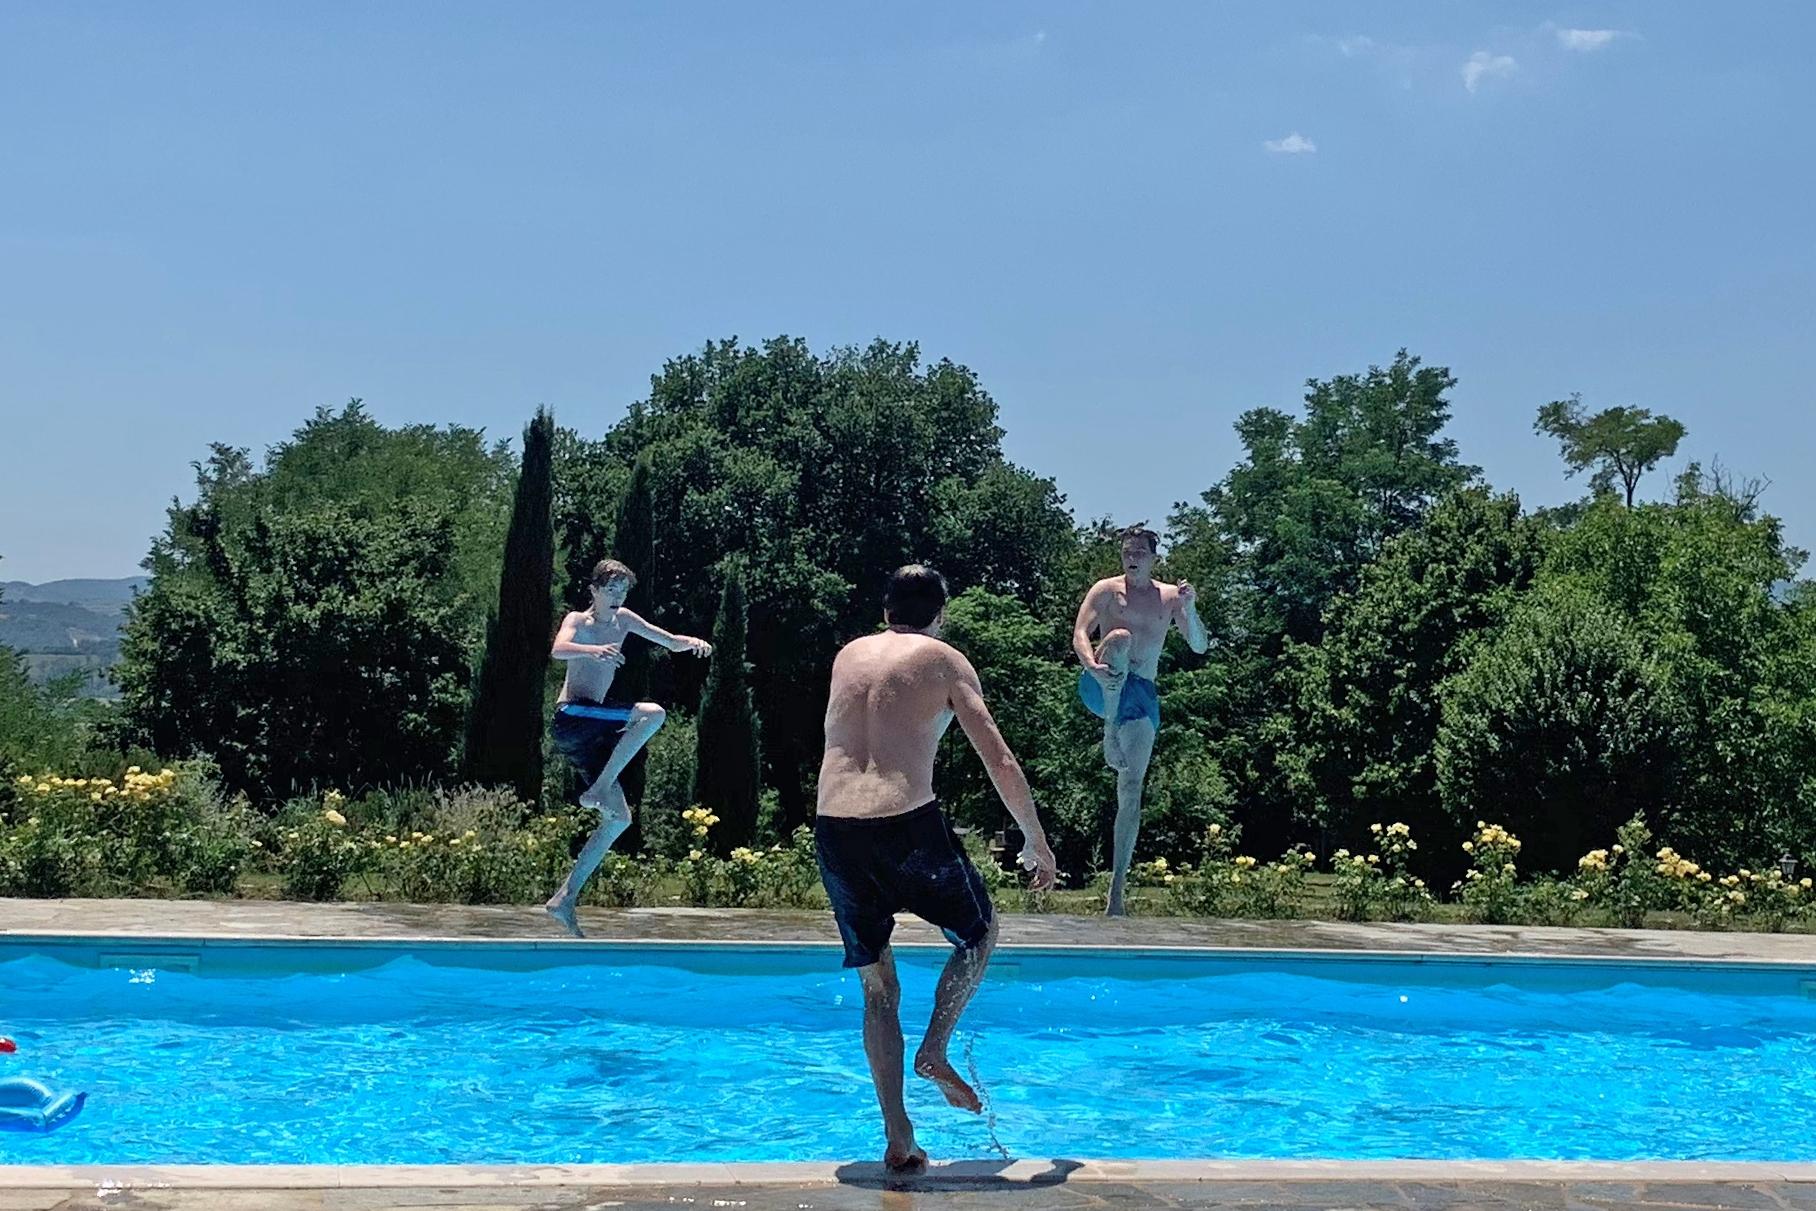 Vater und Söhne beim Sprung in den Pool